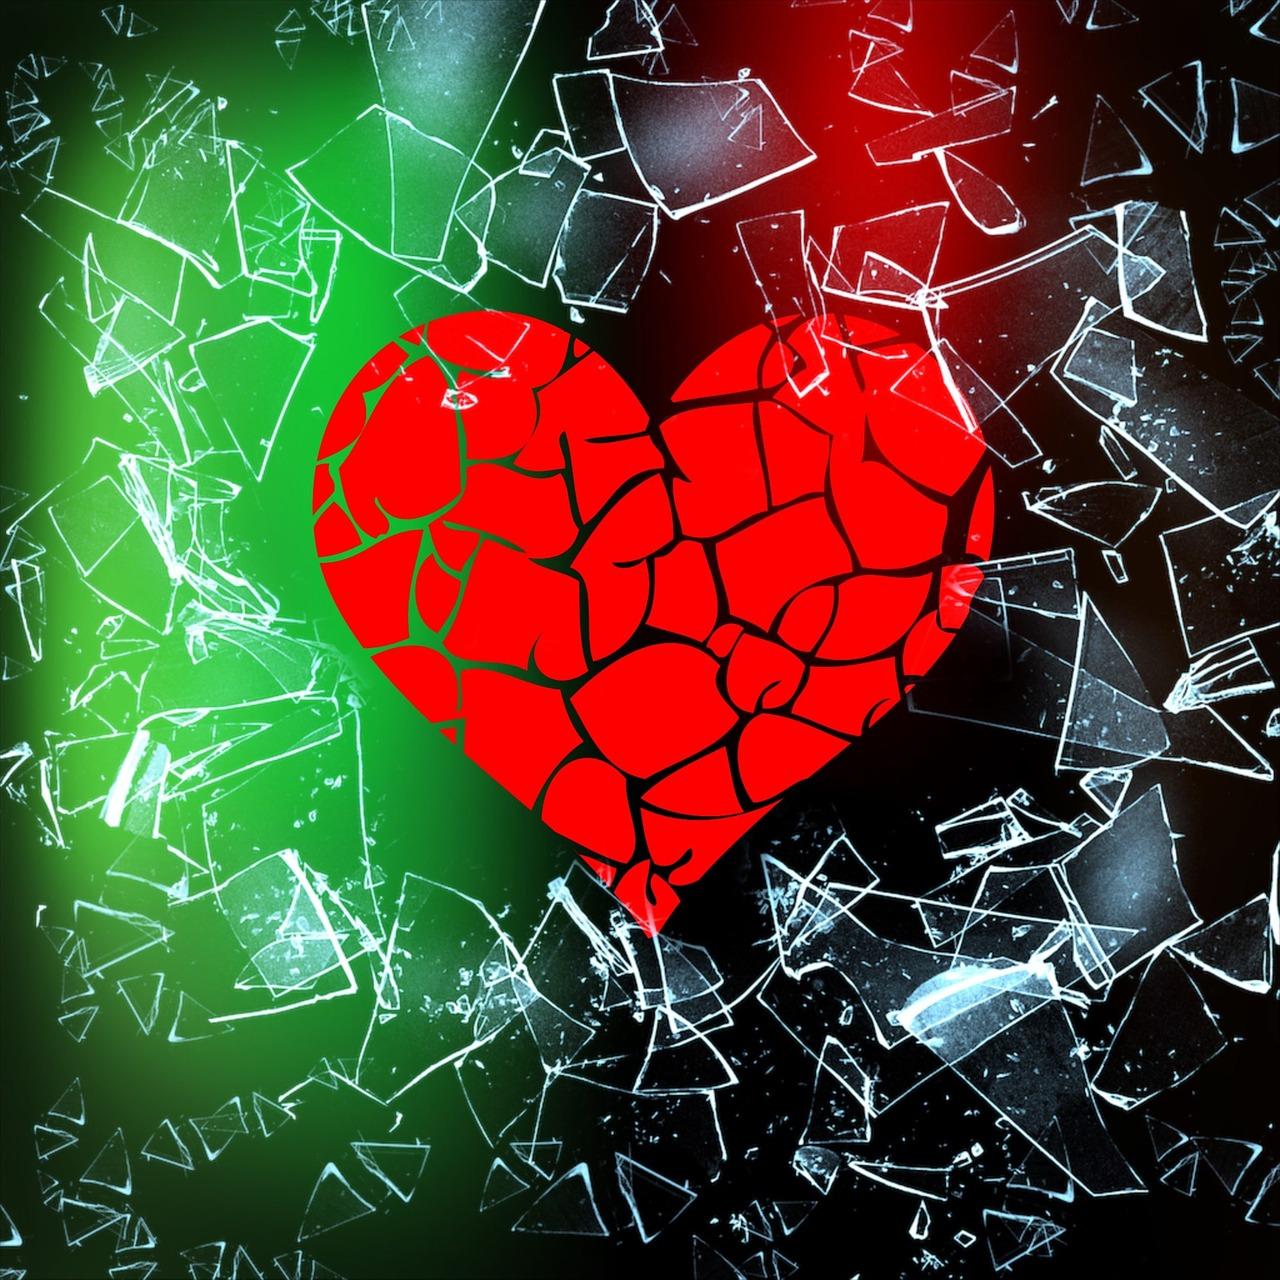 название расположениию картинка сердца сломался нем